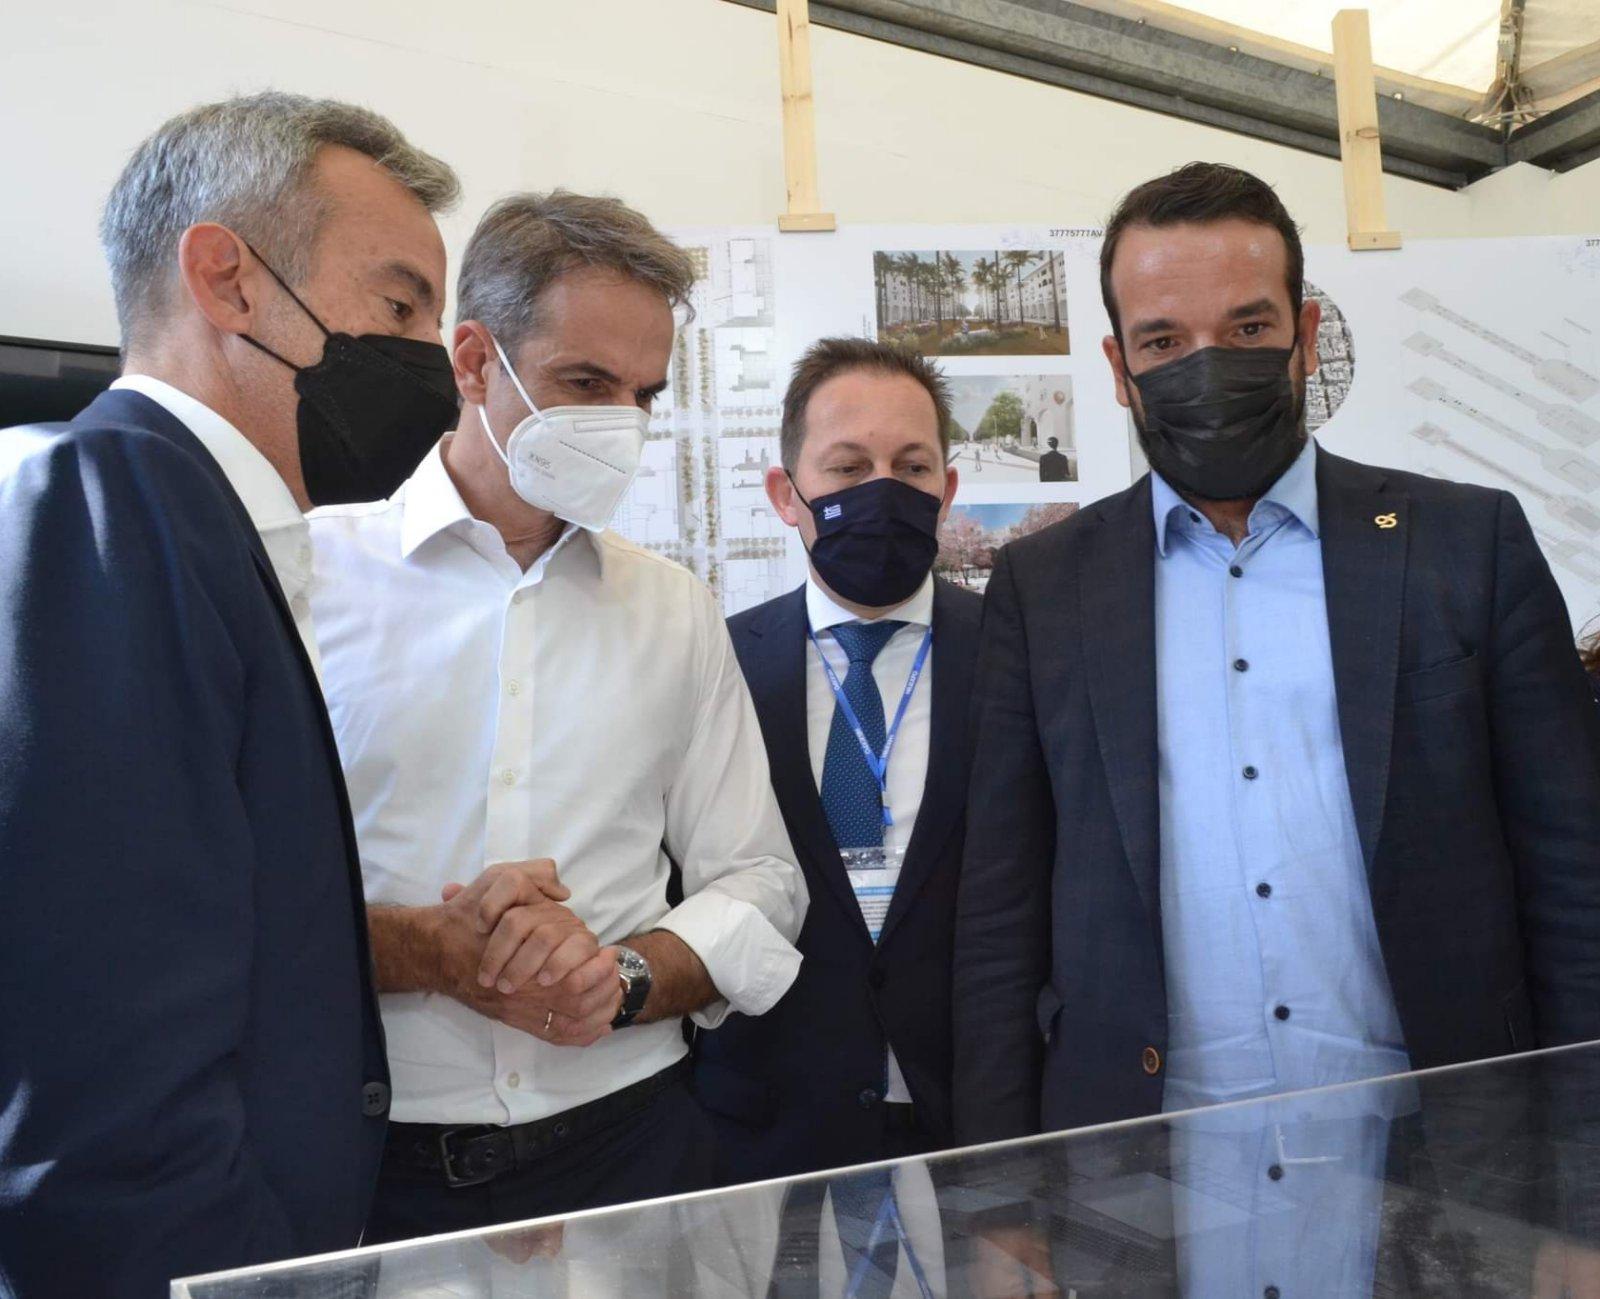 Ο Πρωθυπουργός Κ. Μητσοτάκης στο περίπτερο του Δήμου Θεσσαλονίκης στην 85η ΔΕΘ